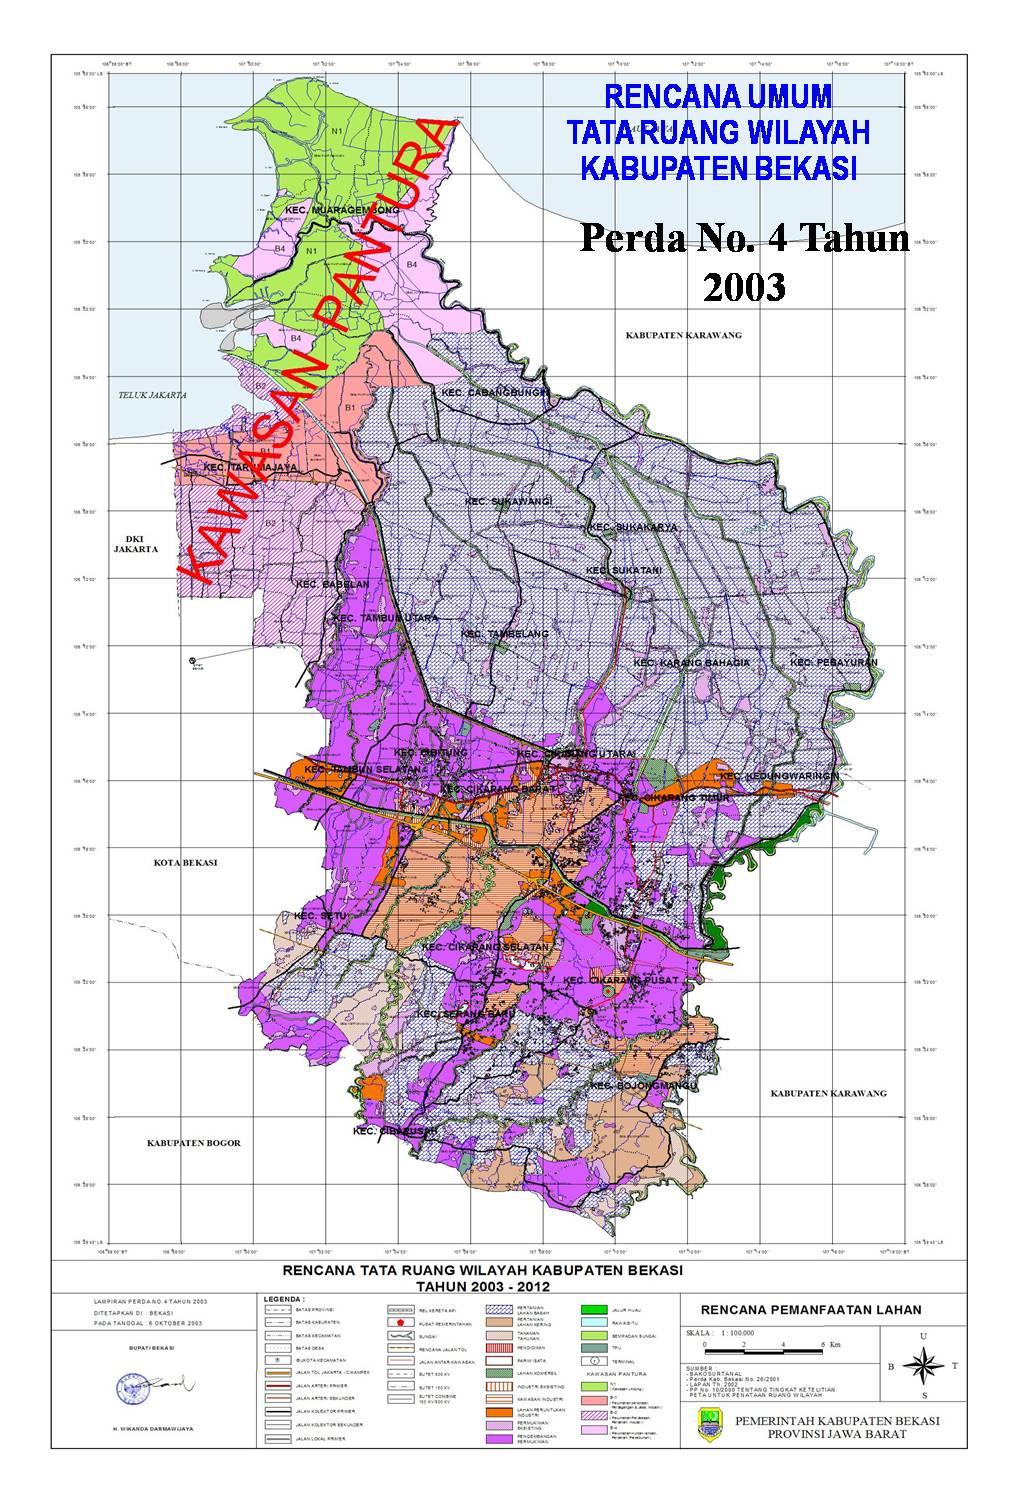 Peta Kota: Peta Kabupaten Bekasi